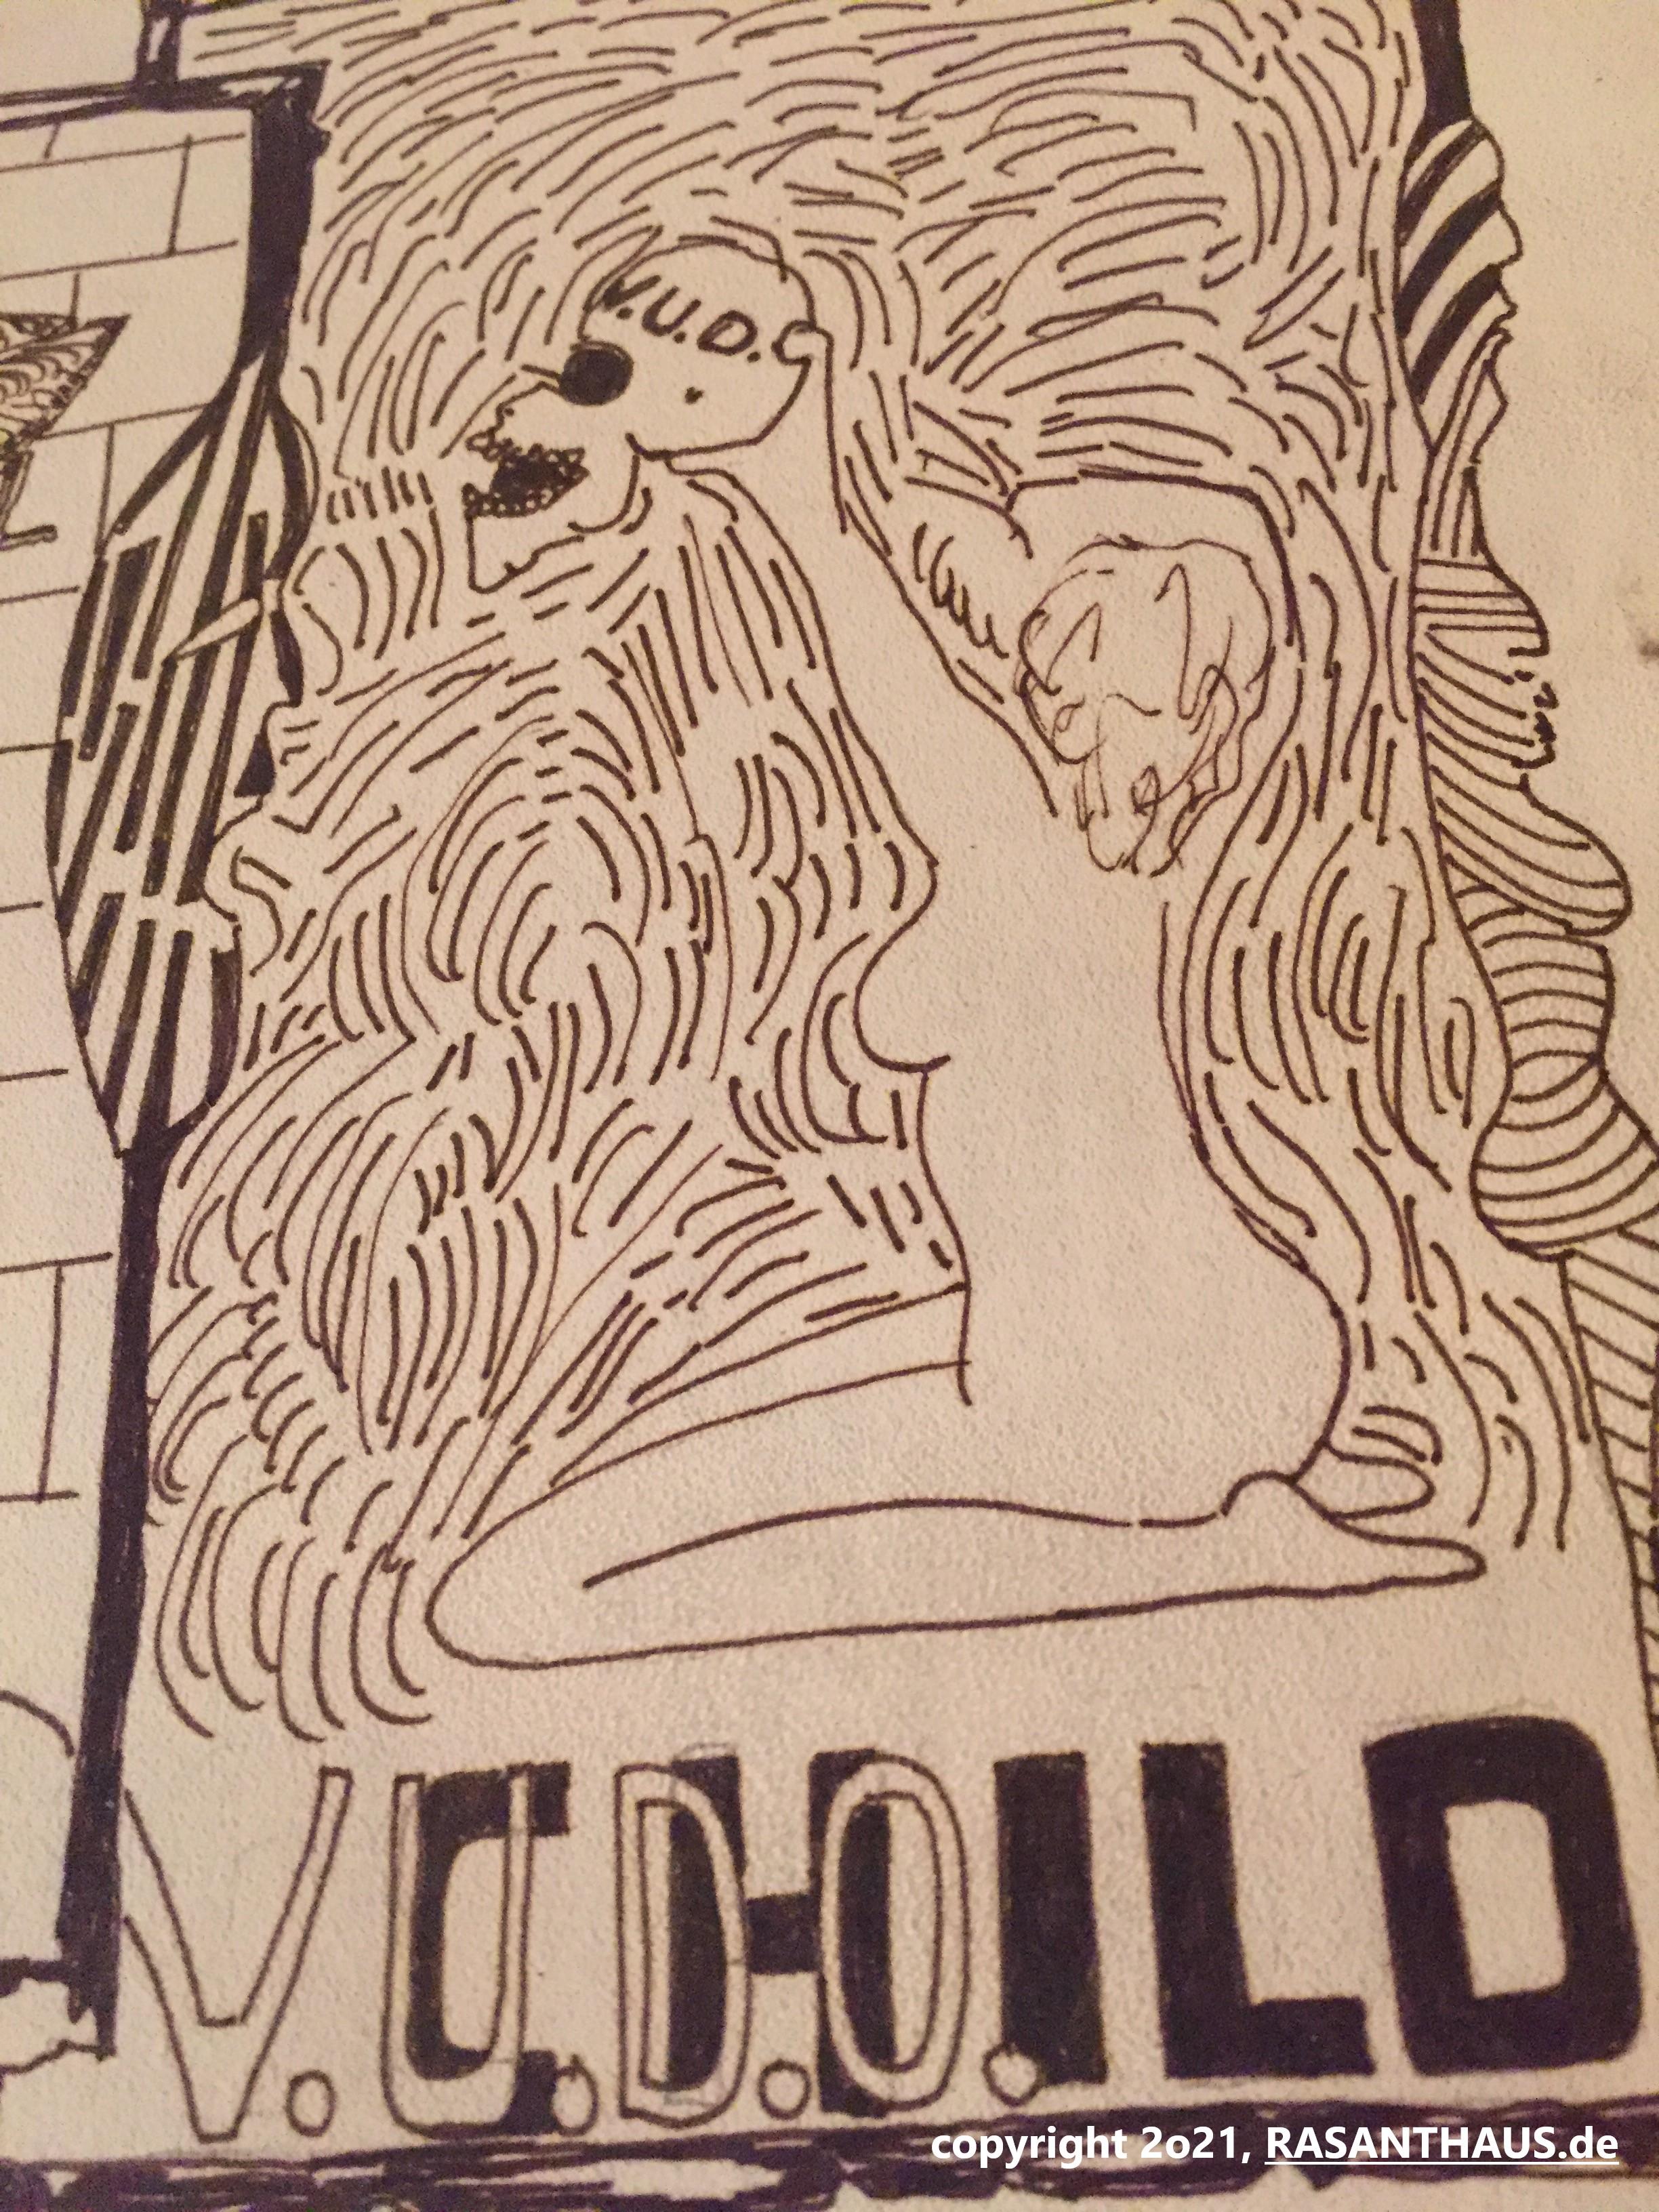 weibliches Aktmodel, seitlich auf ihren Schenkeln über Schriftzug ''V. U. D. O. -Child' als Anspielung auf Vudo Lindenbergh' sitzend, hält wie im Shakespeare-Drama einen menschlichen Schädel in die Höhe, ganz umgeben von Strich-Ornamenten